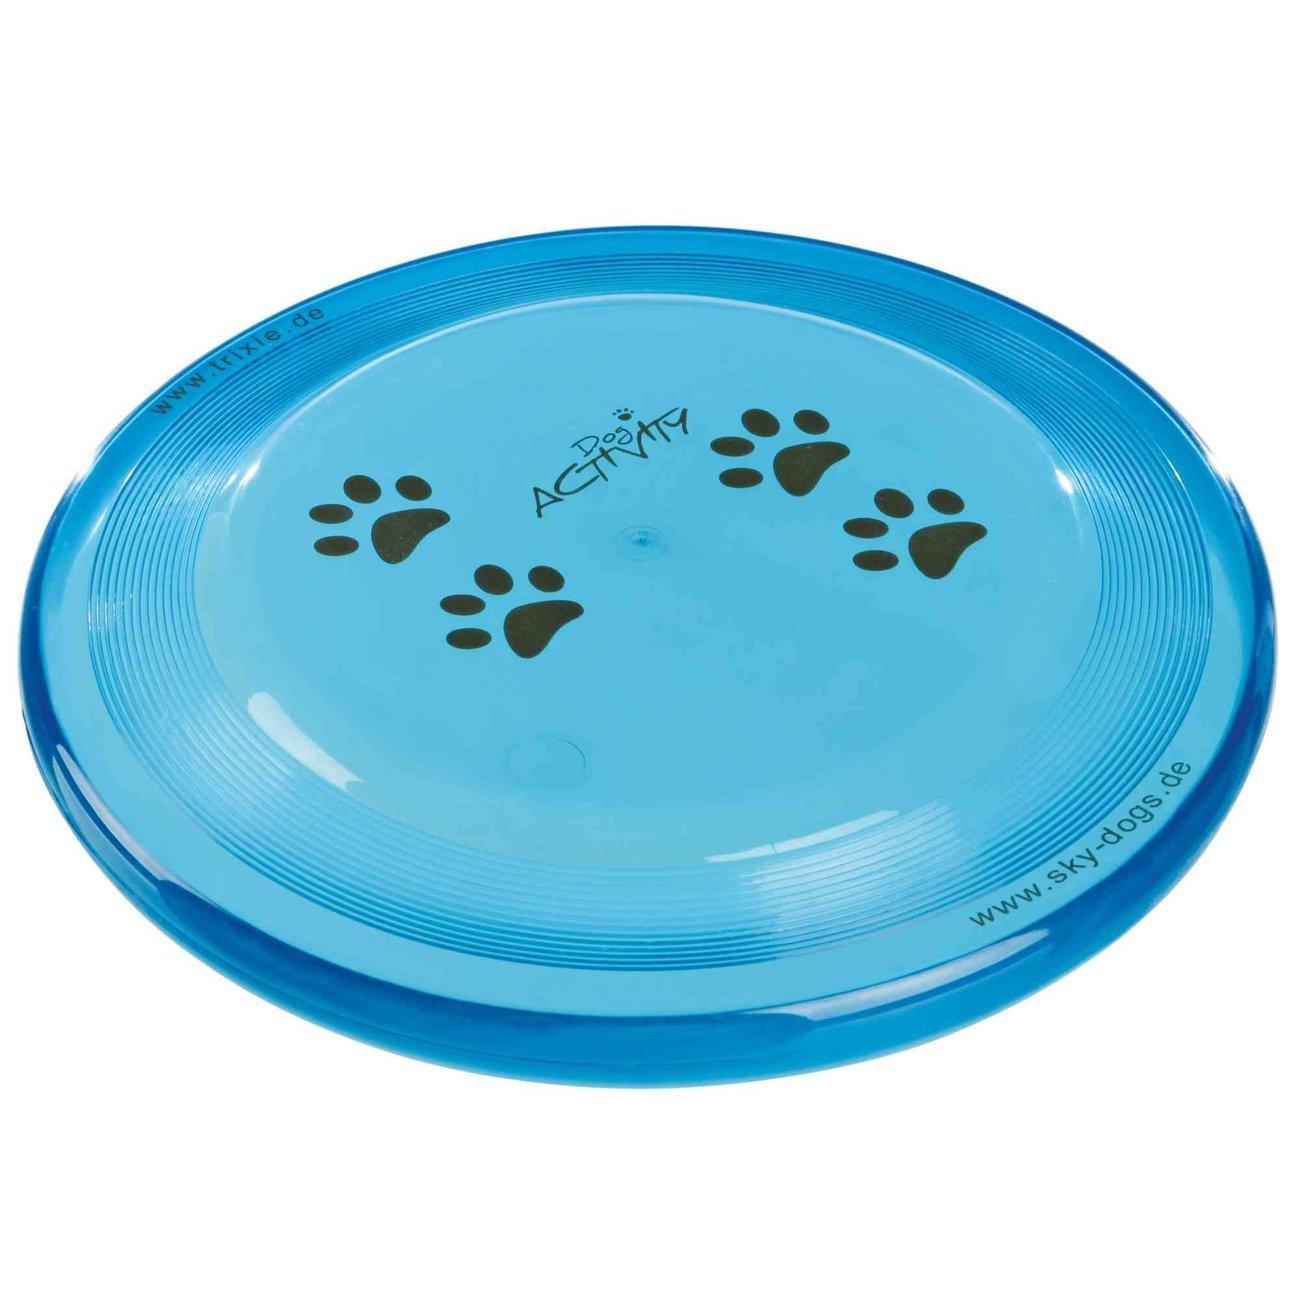 Trixie Hunde Frisbee von Karin Actun, bissfest, ø 23 cm, zufällige Farbe